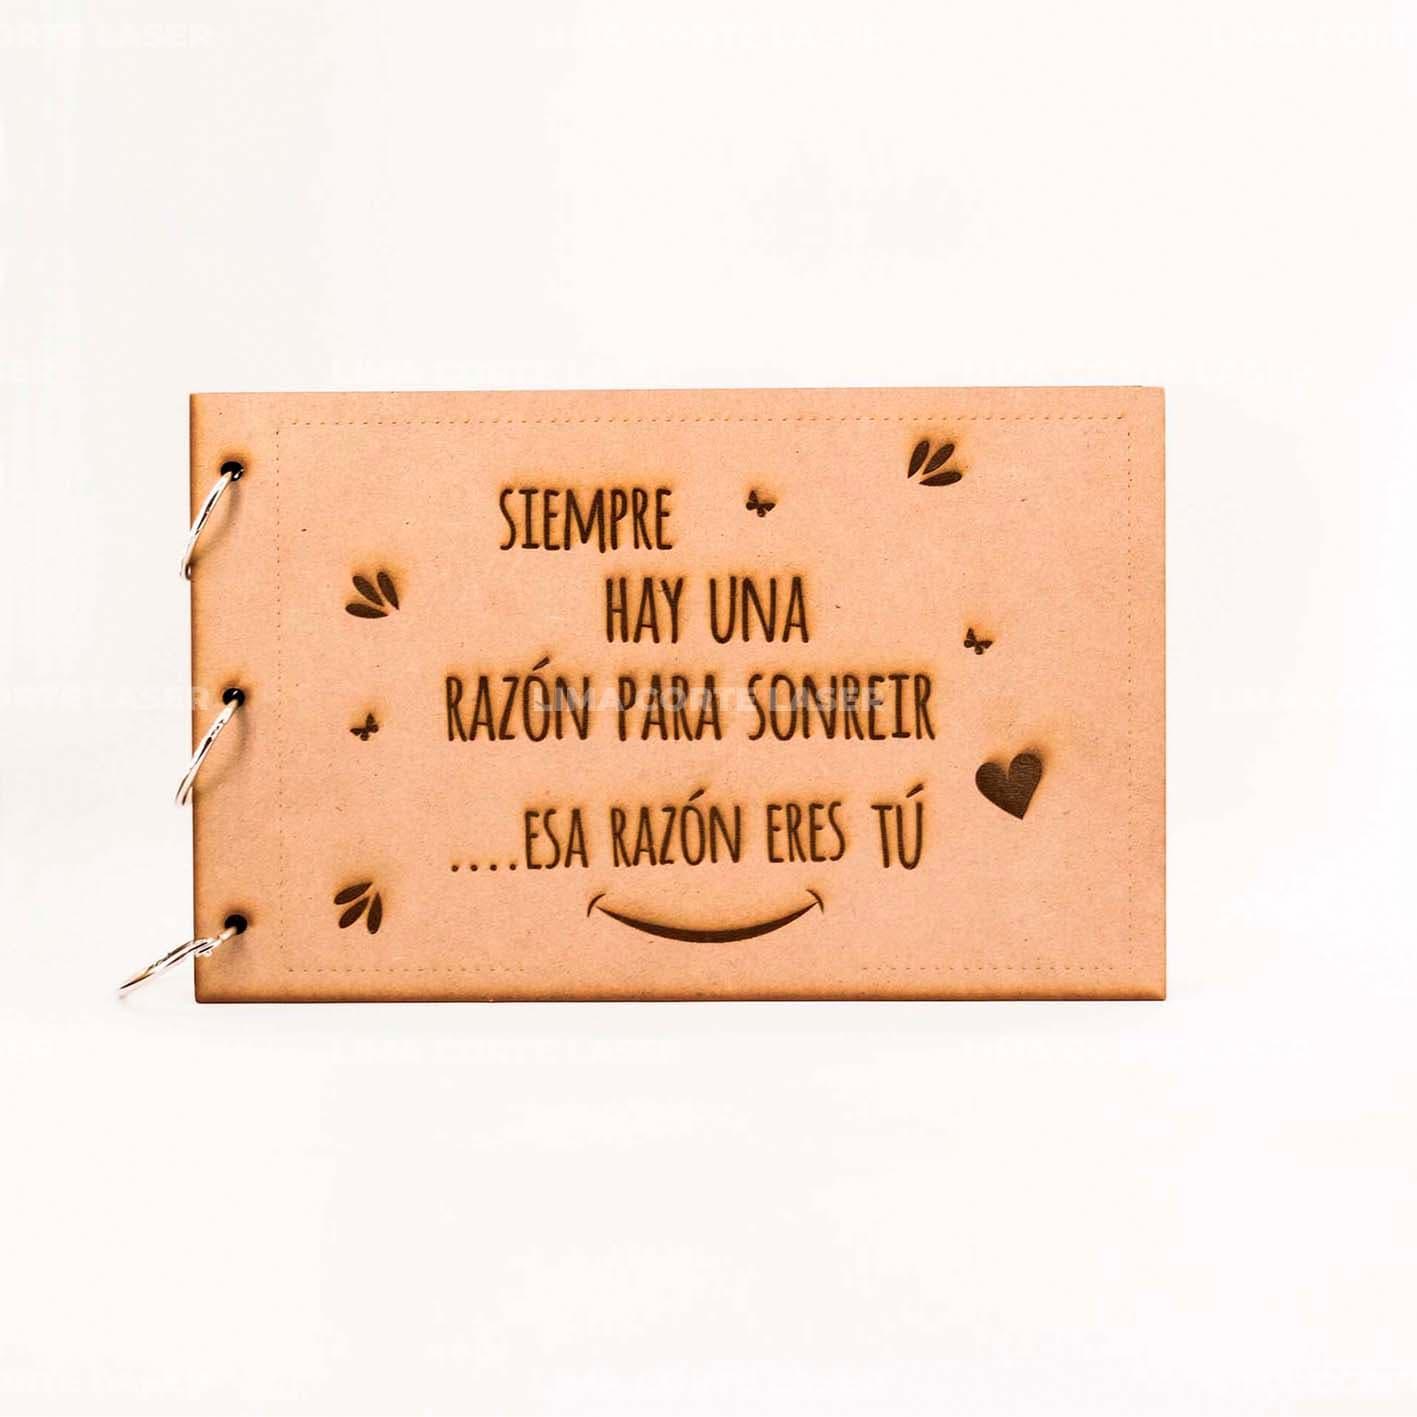 Álbum cortado y grabado con láser en madera